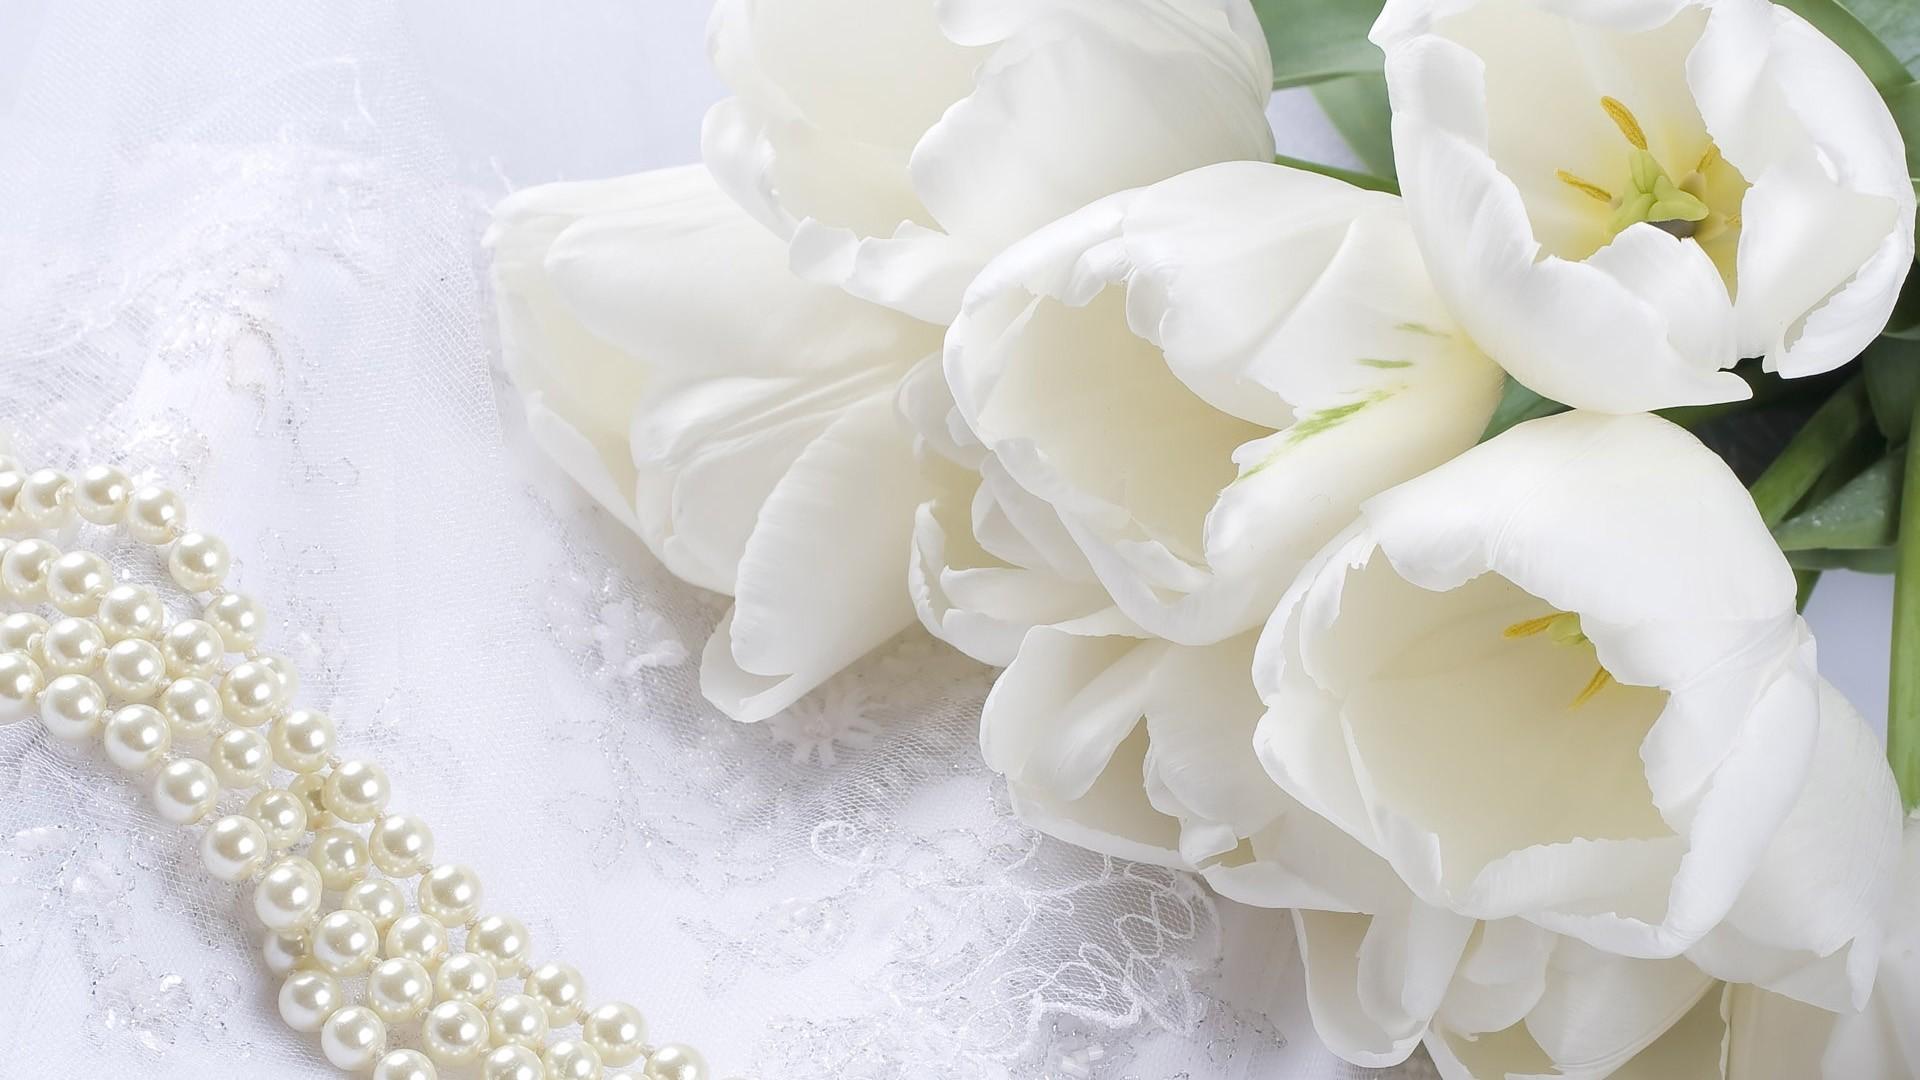 White Flower Background Wallpaper